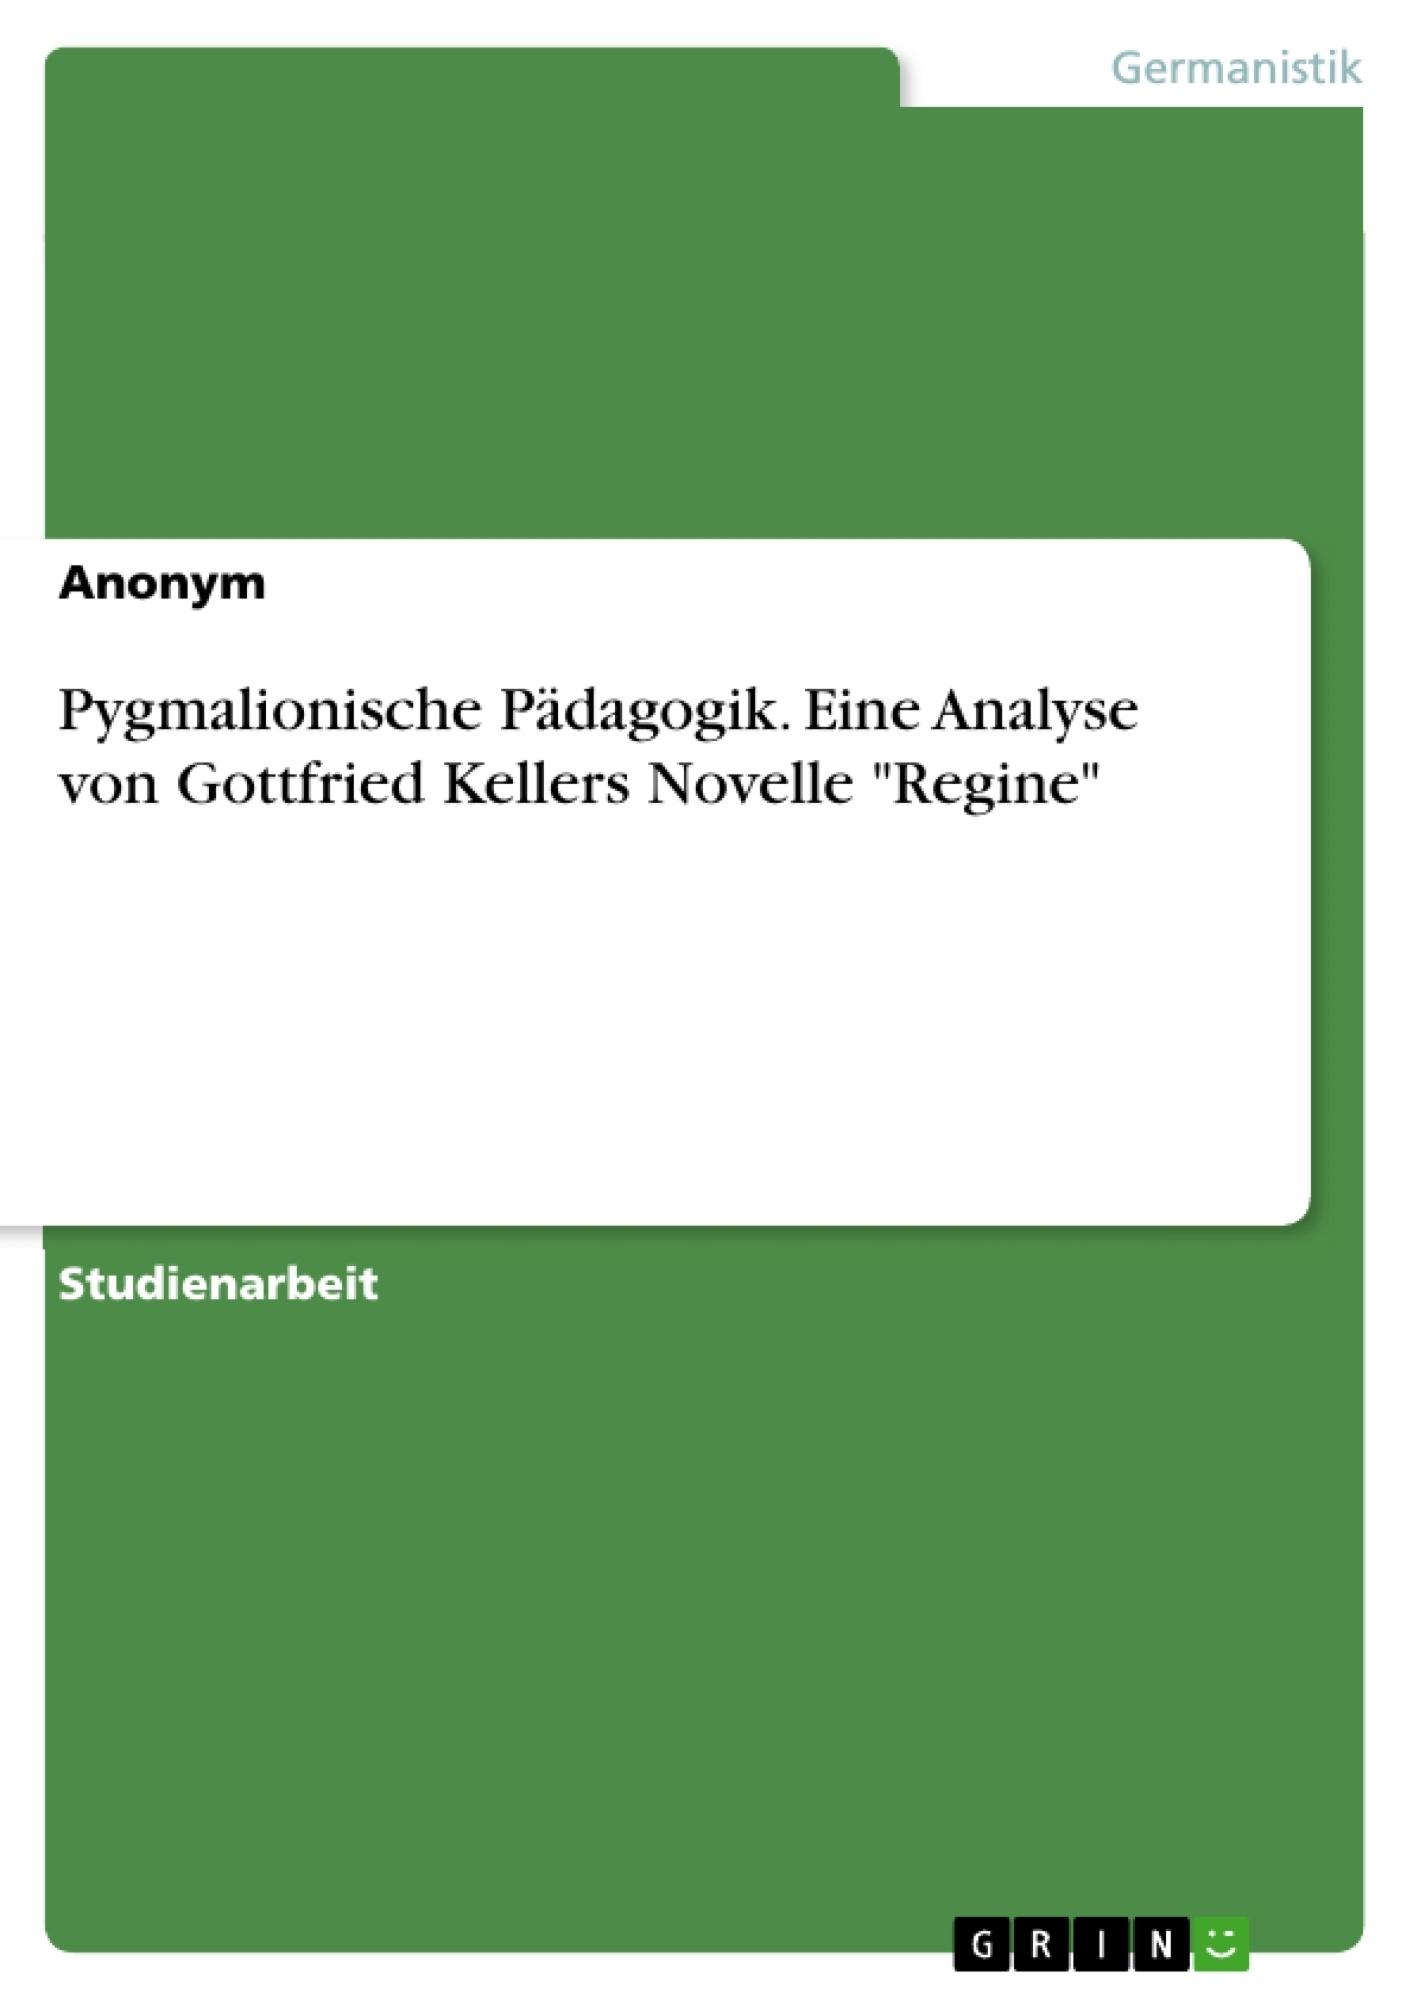 """Titel: Pygmalionische Pädagogik. Eine Analyse von Gottfried Kellers Novelle """"Regine"""""""